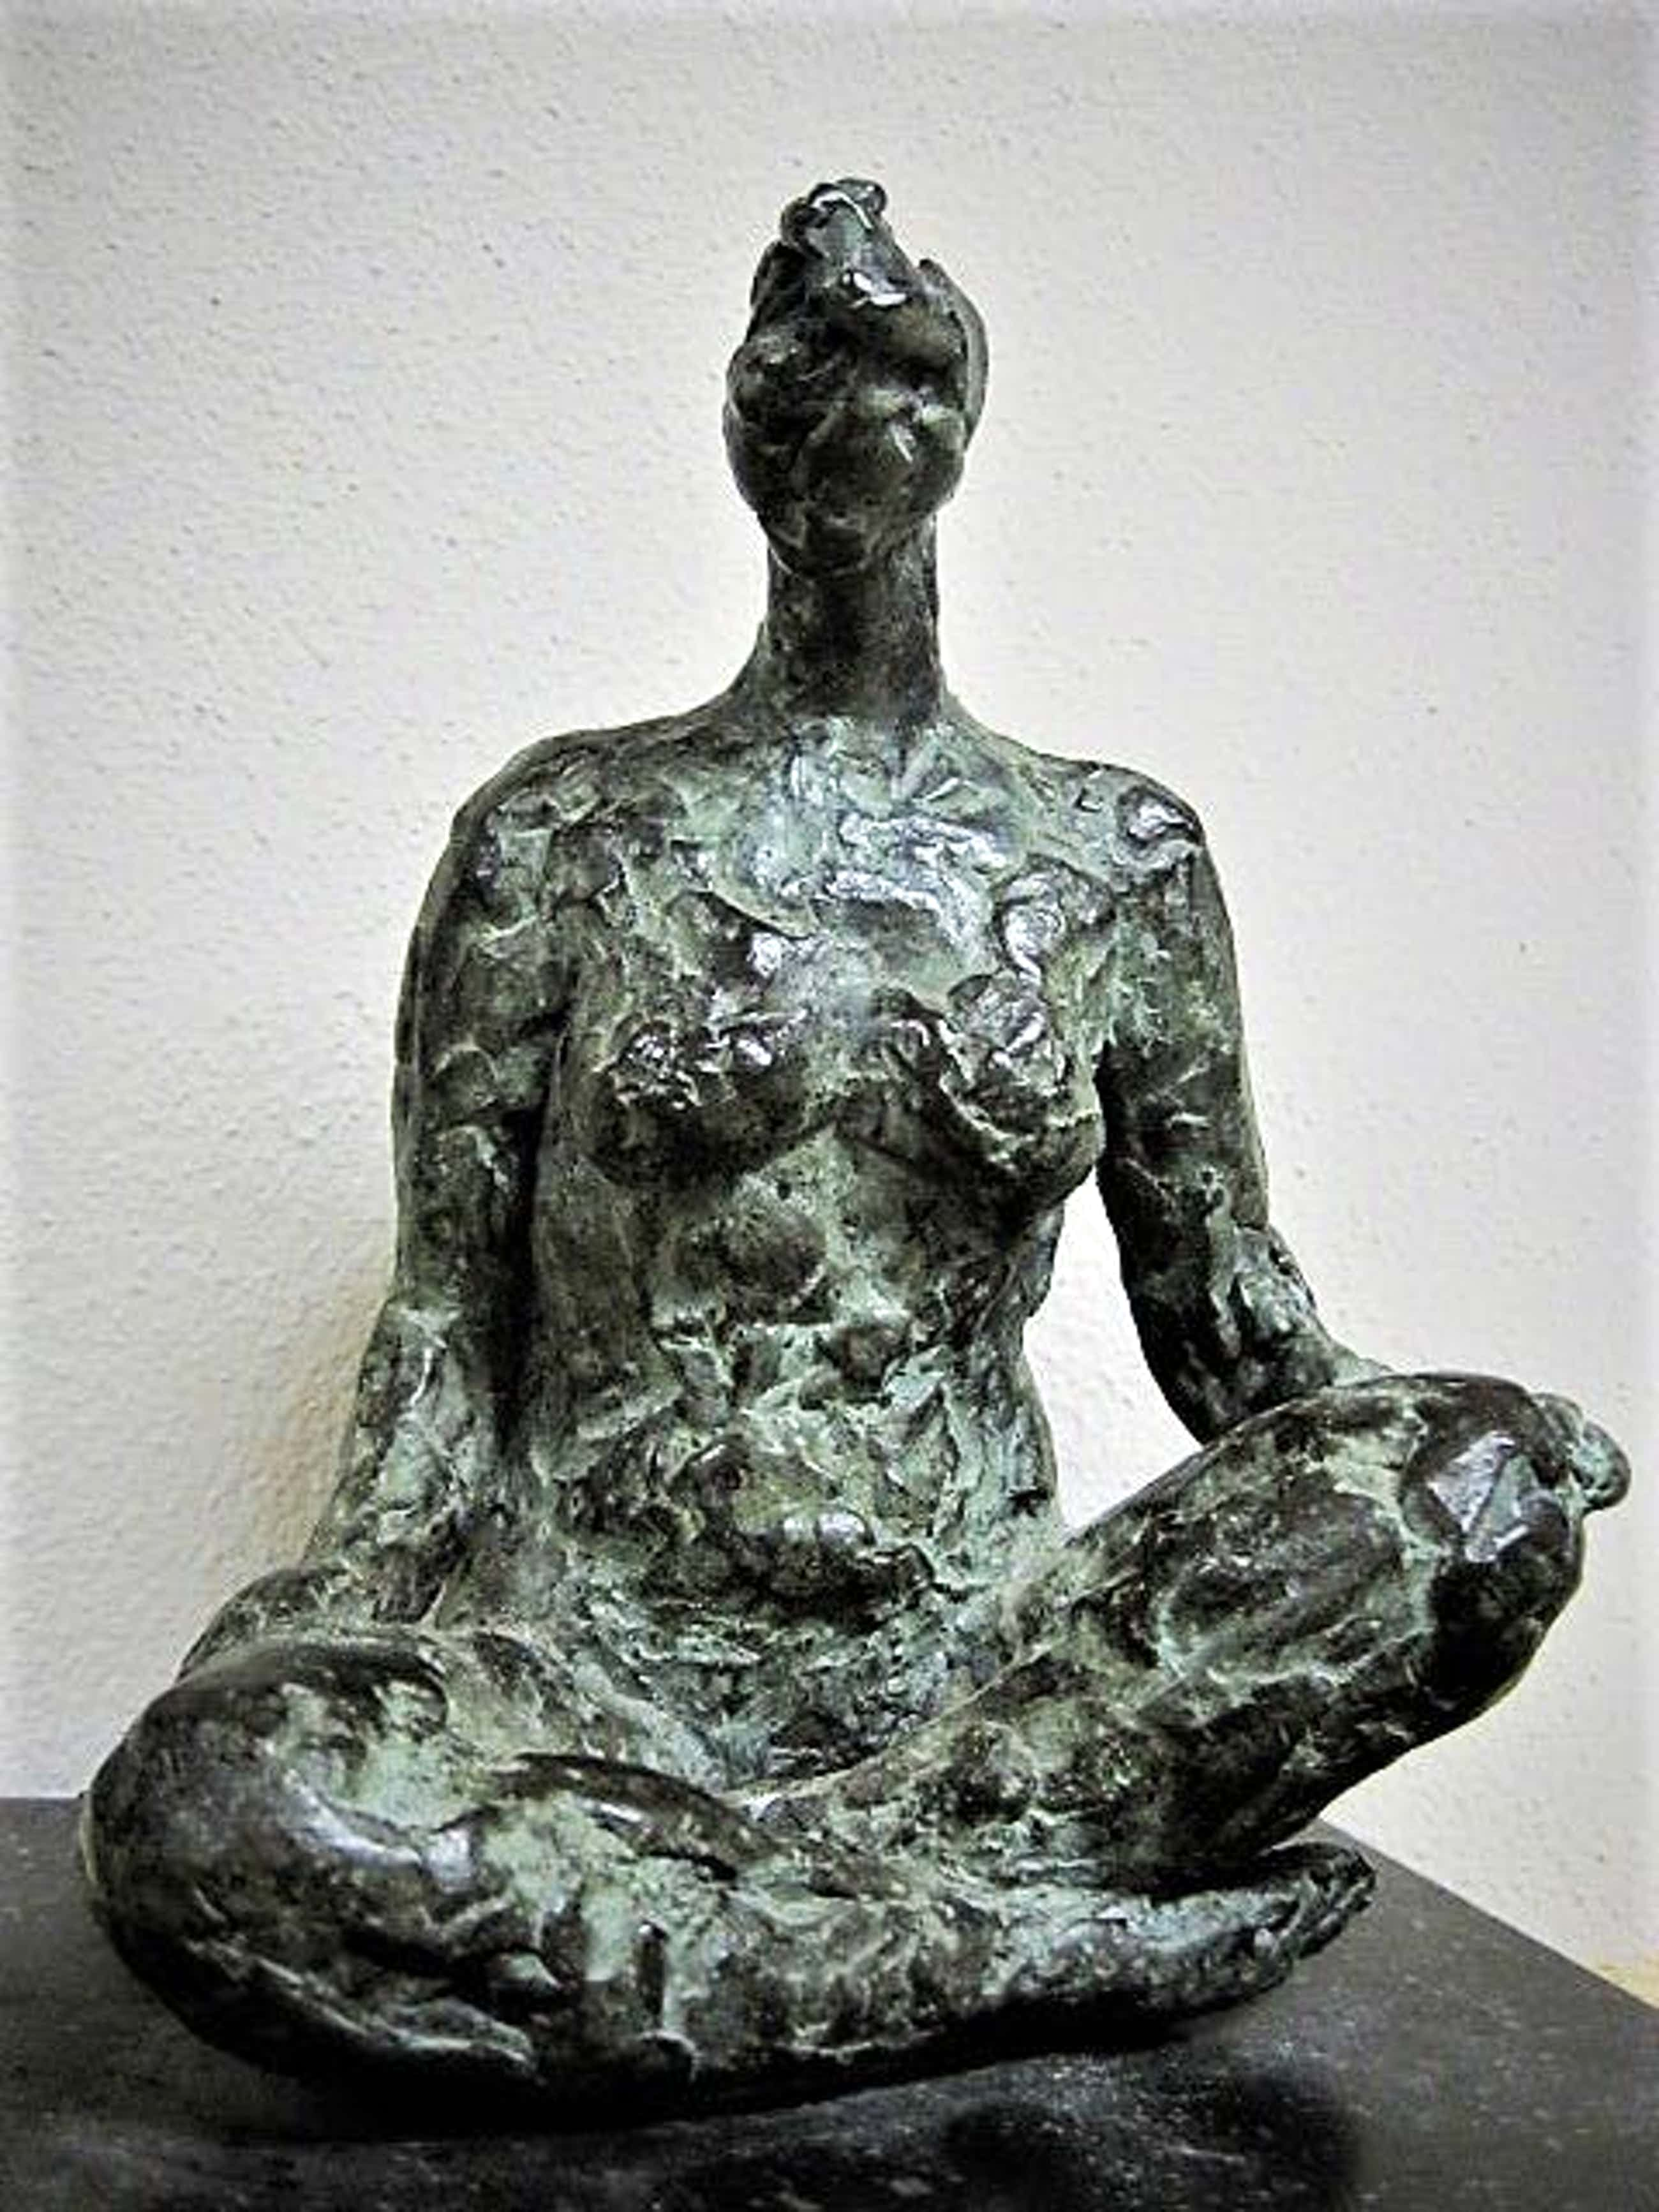 """Maite Duval - Fraai vormgegeven naakt sculptuur in Brons """"Meditatie"""" gesigneerd  kopen? Bied vanaf 280!"""